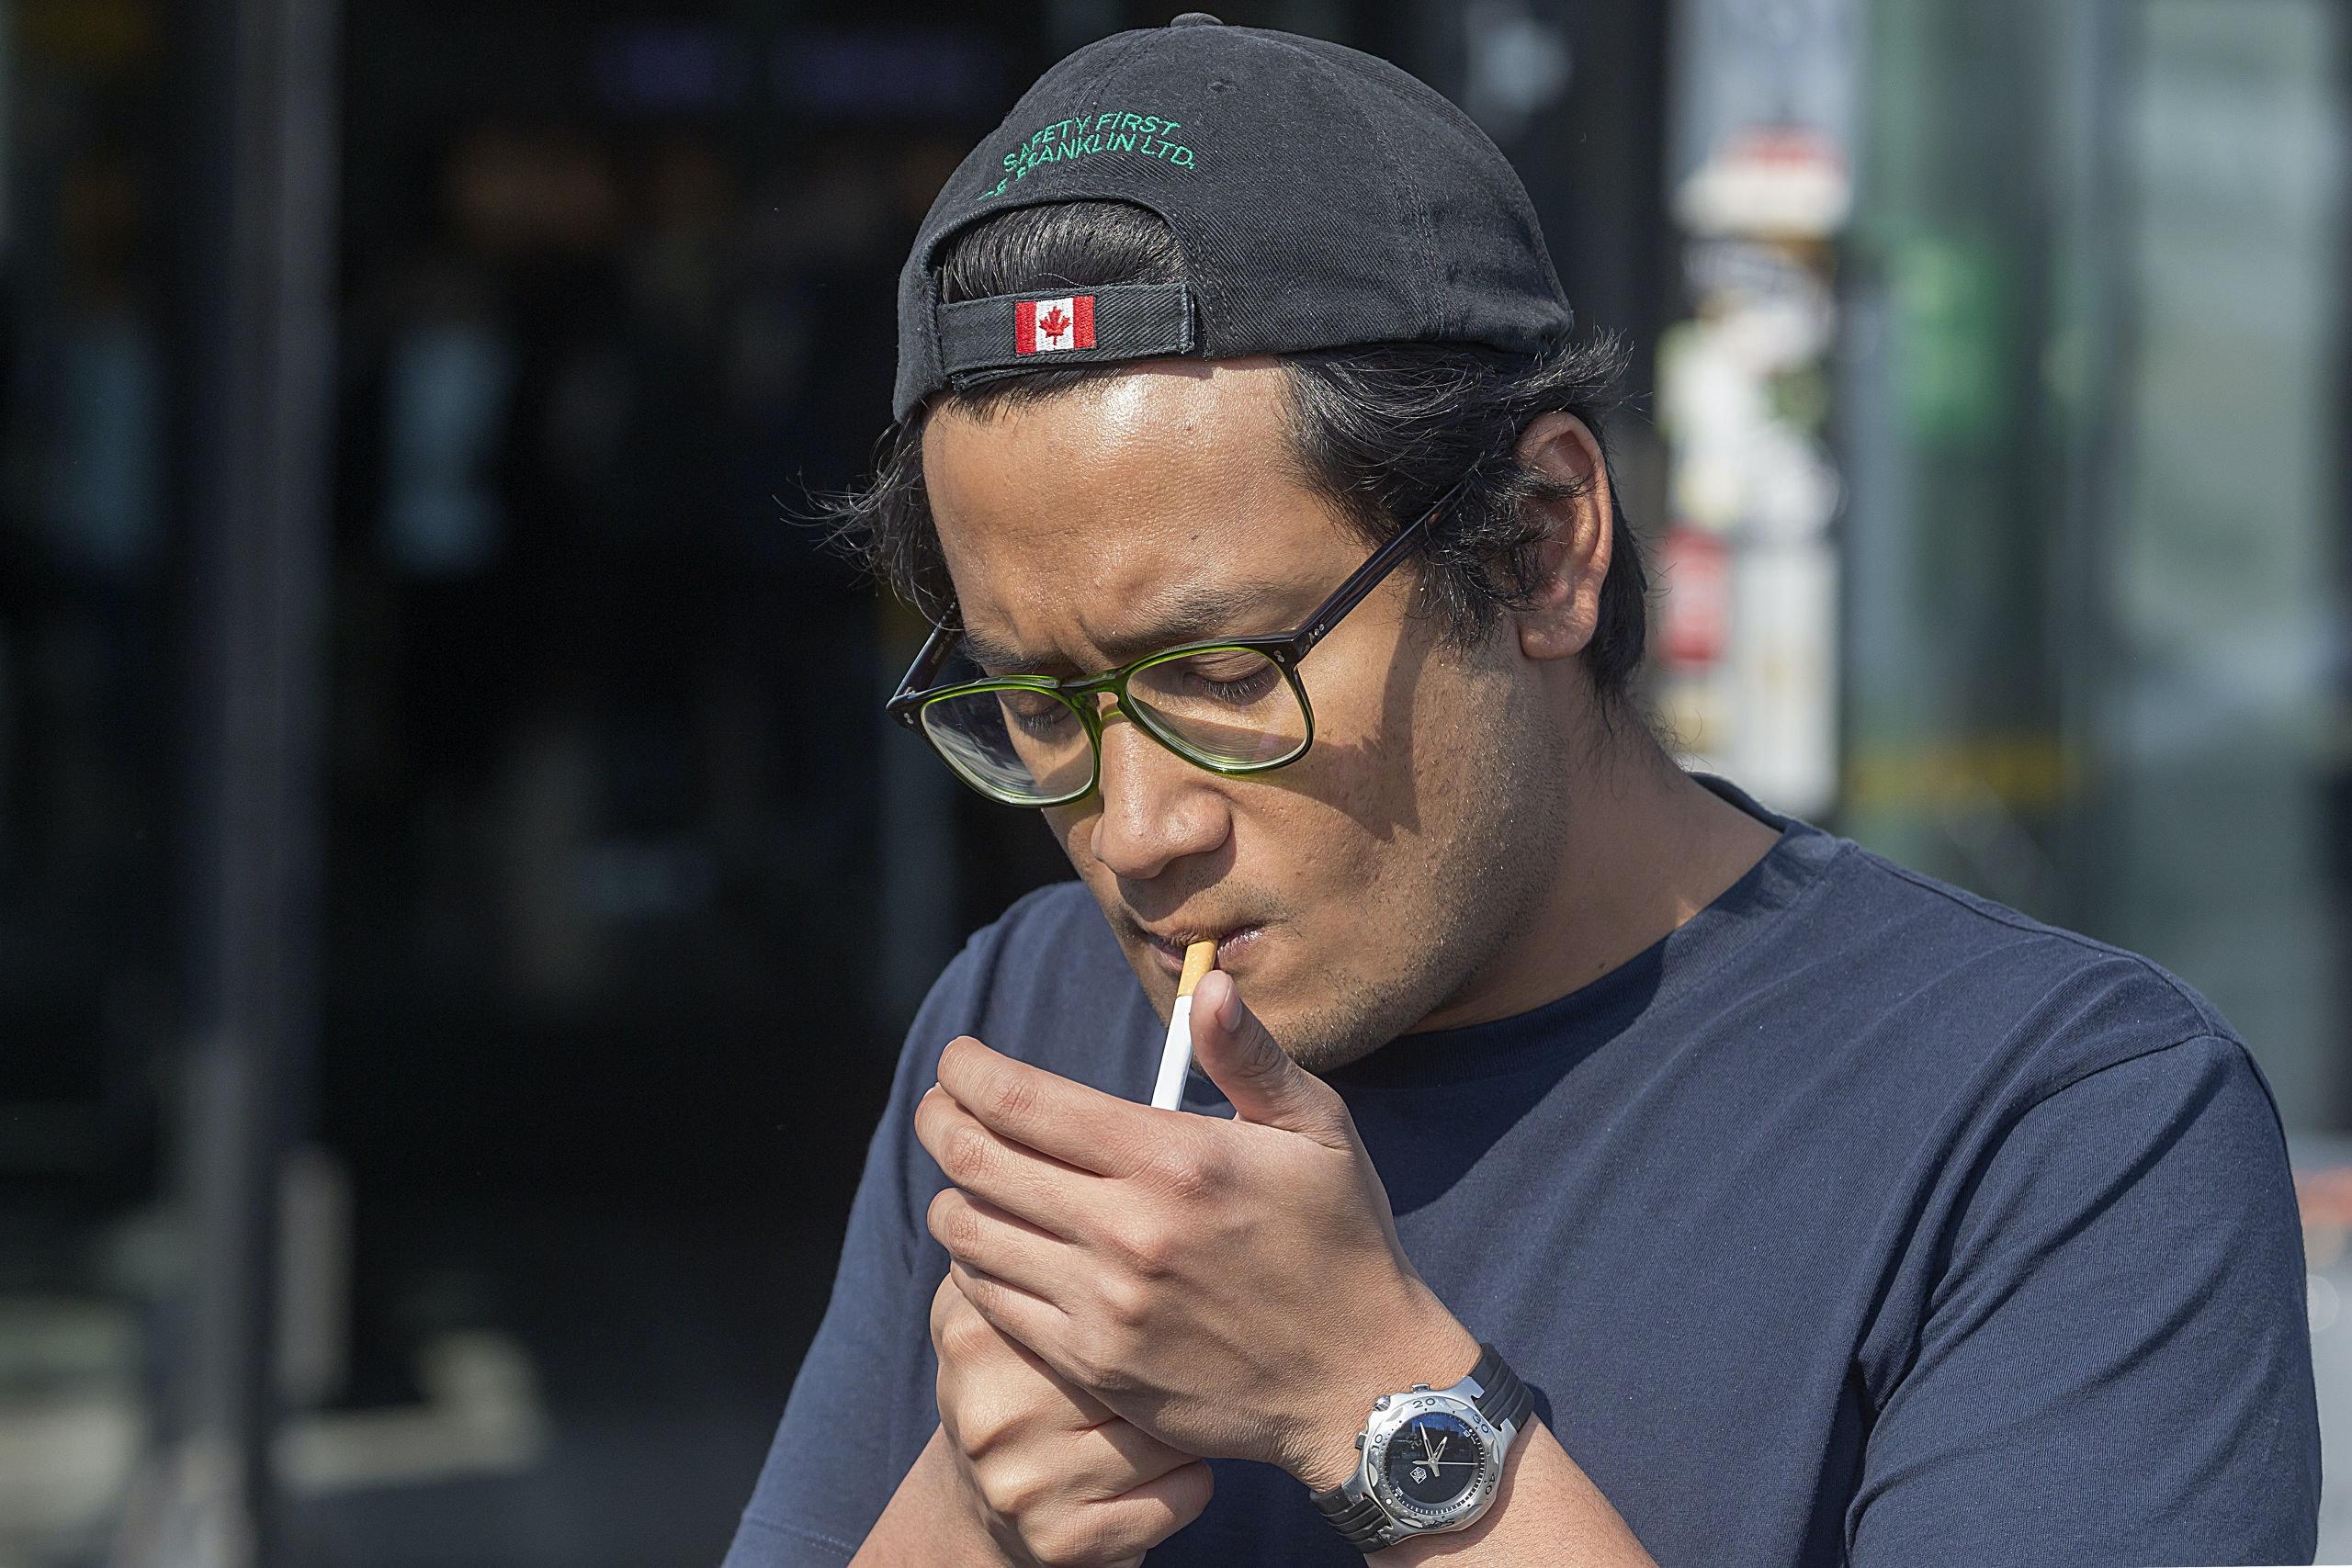 Foto: David Rozing Nederland Rotterdam 20 mei 2018 Schiphol Man rookt een sigaret tussen andere mensen. Meeroken, schadelijke effecten effect op de gezondheid. Smoking area rookzone.